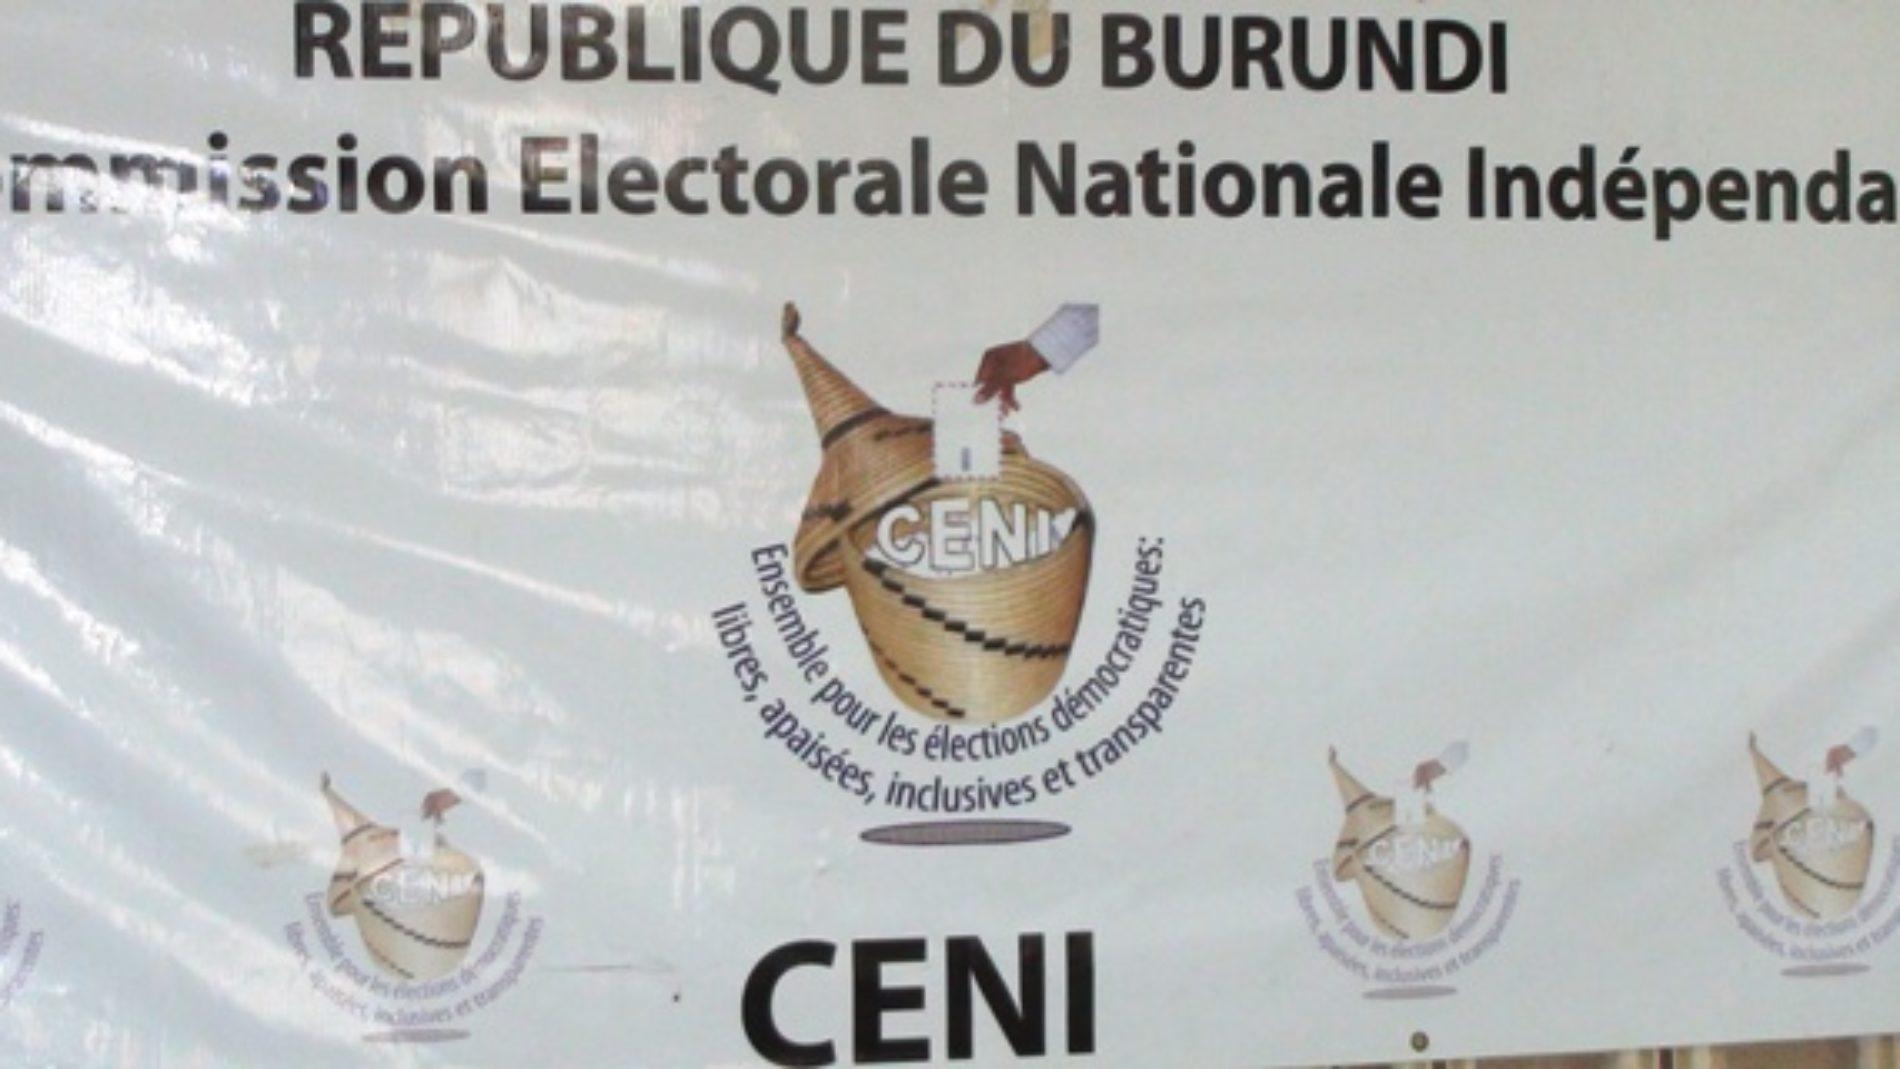 Certaines candidatures aux législatives rejetées